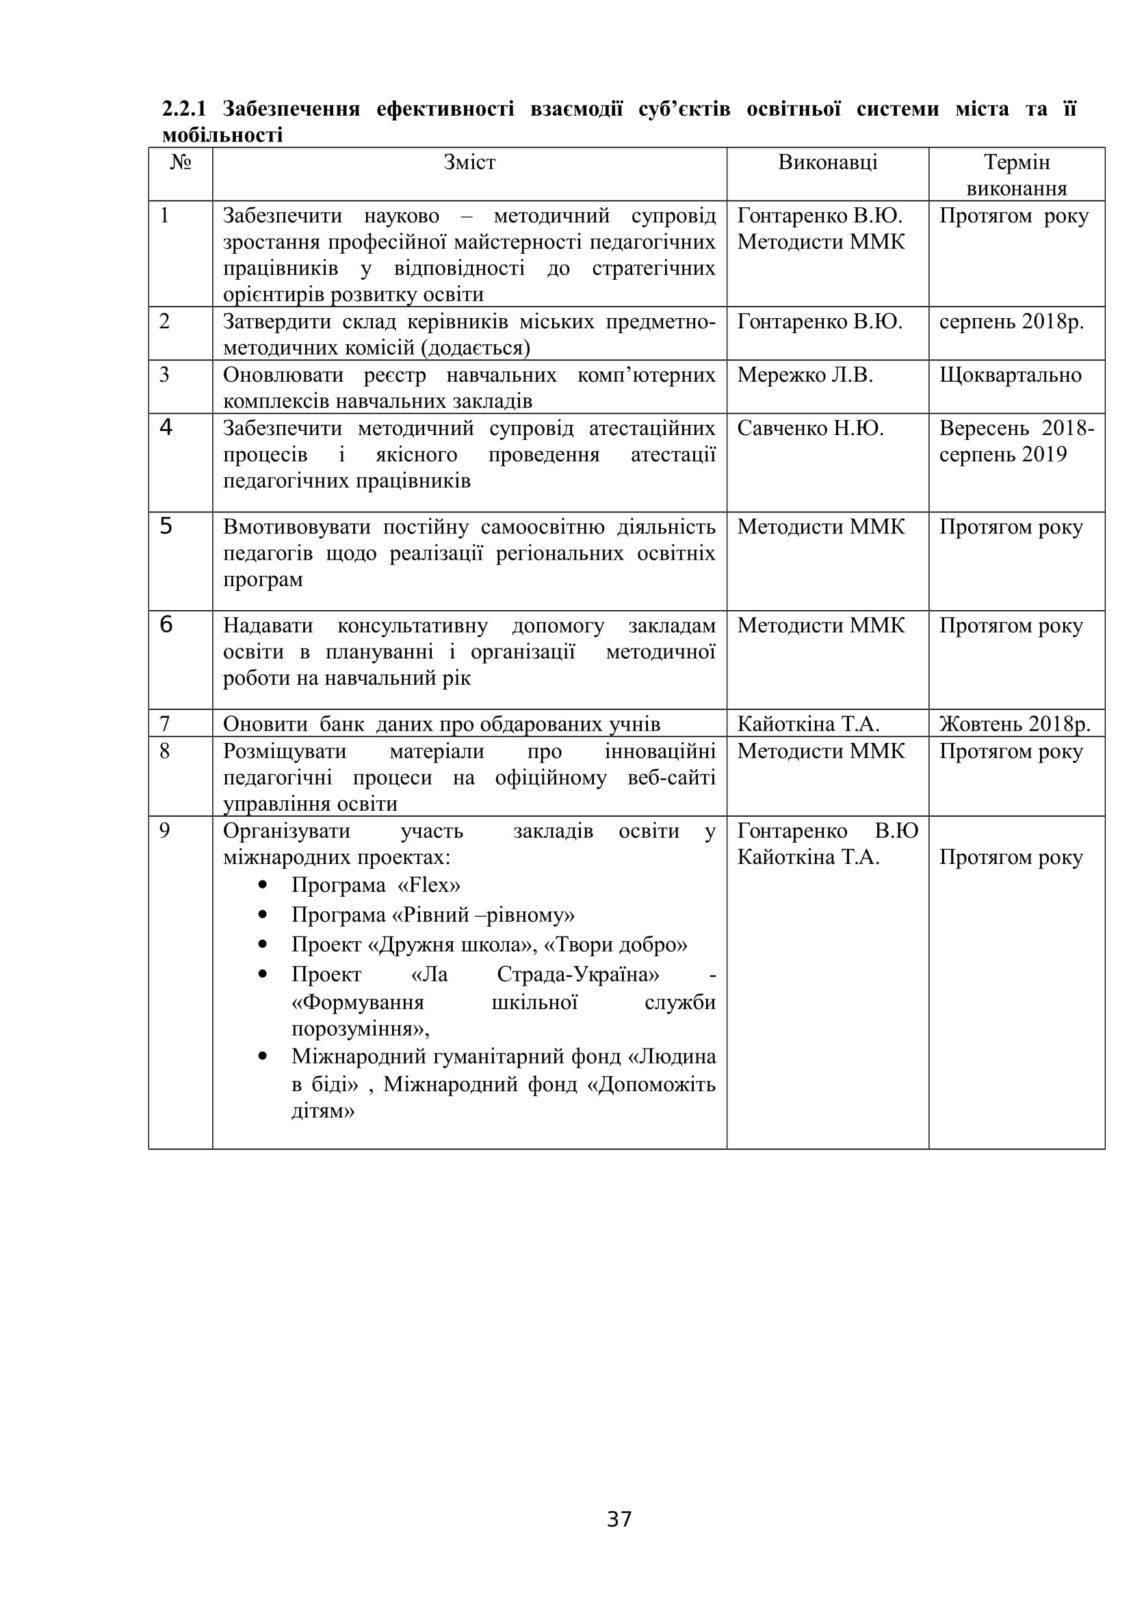 Костянтинівка 2018-2019 - ММК план роботи-38